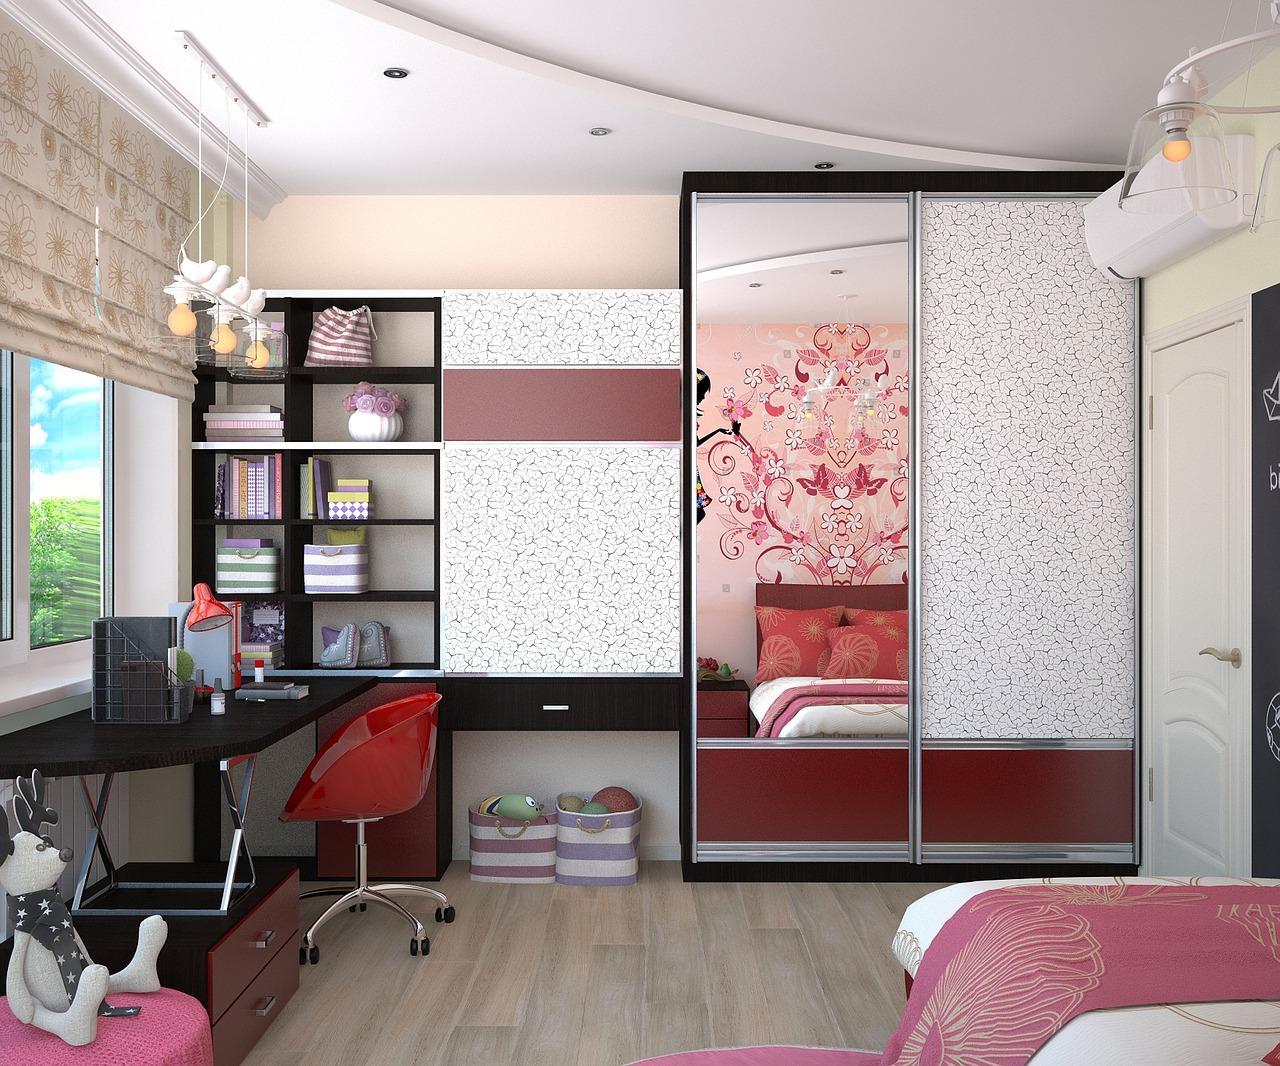 תמונה של חדר של ילדה